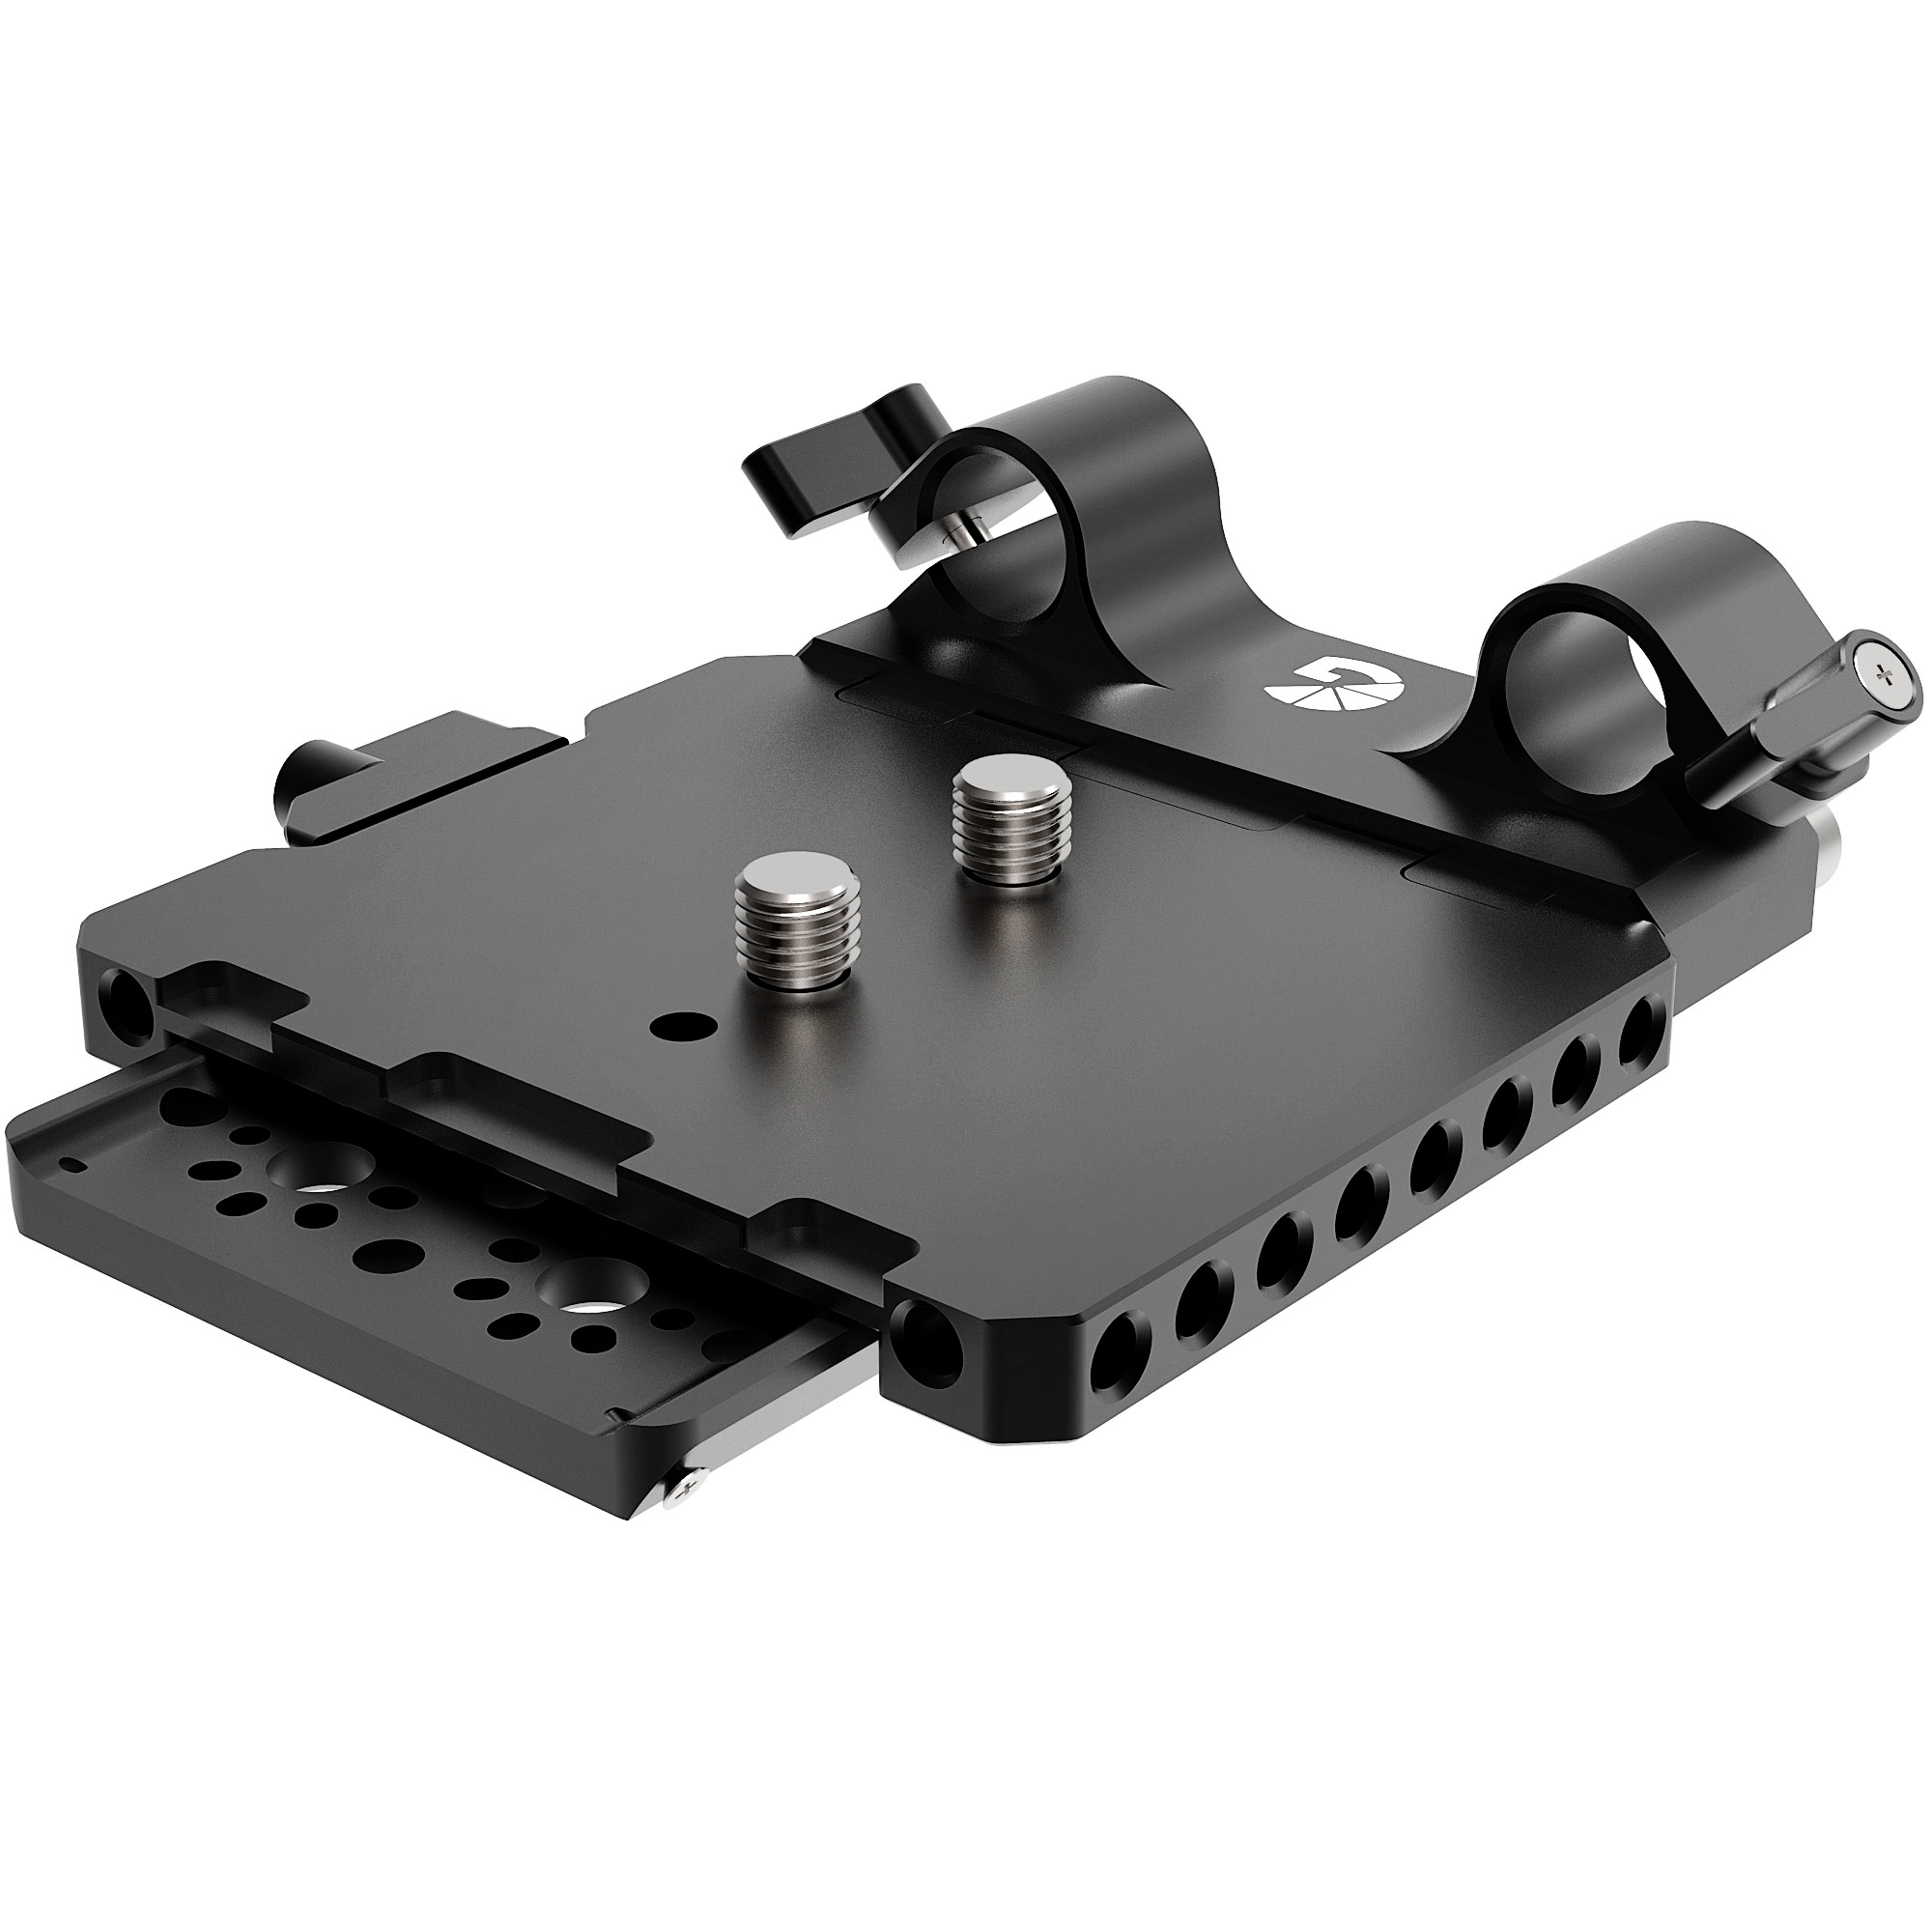 B4002 0002 Left Field 15mm Baseplate for DSMC2 2 2